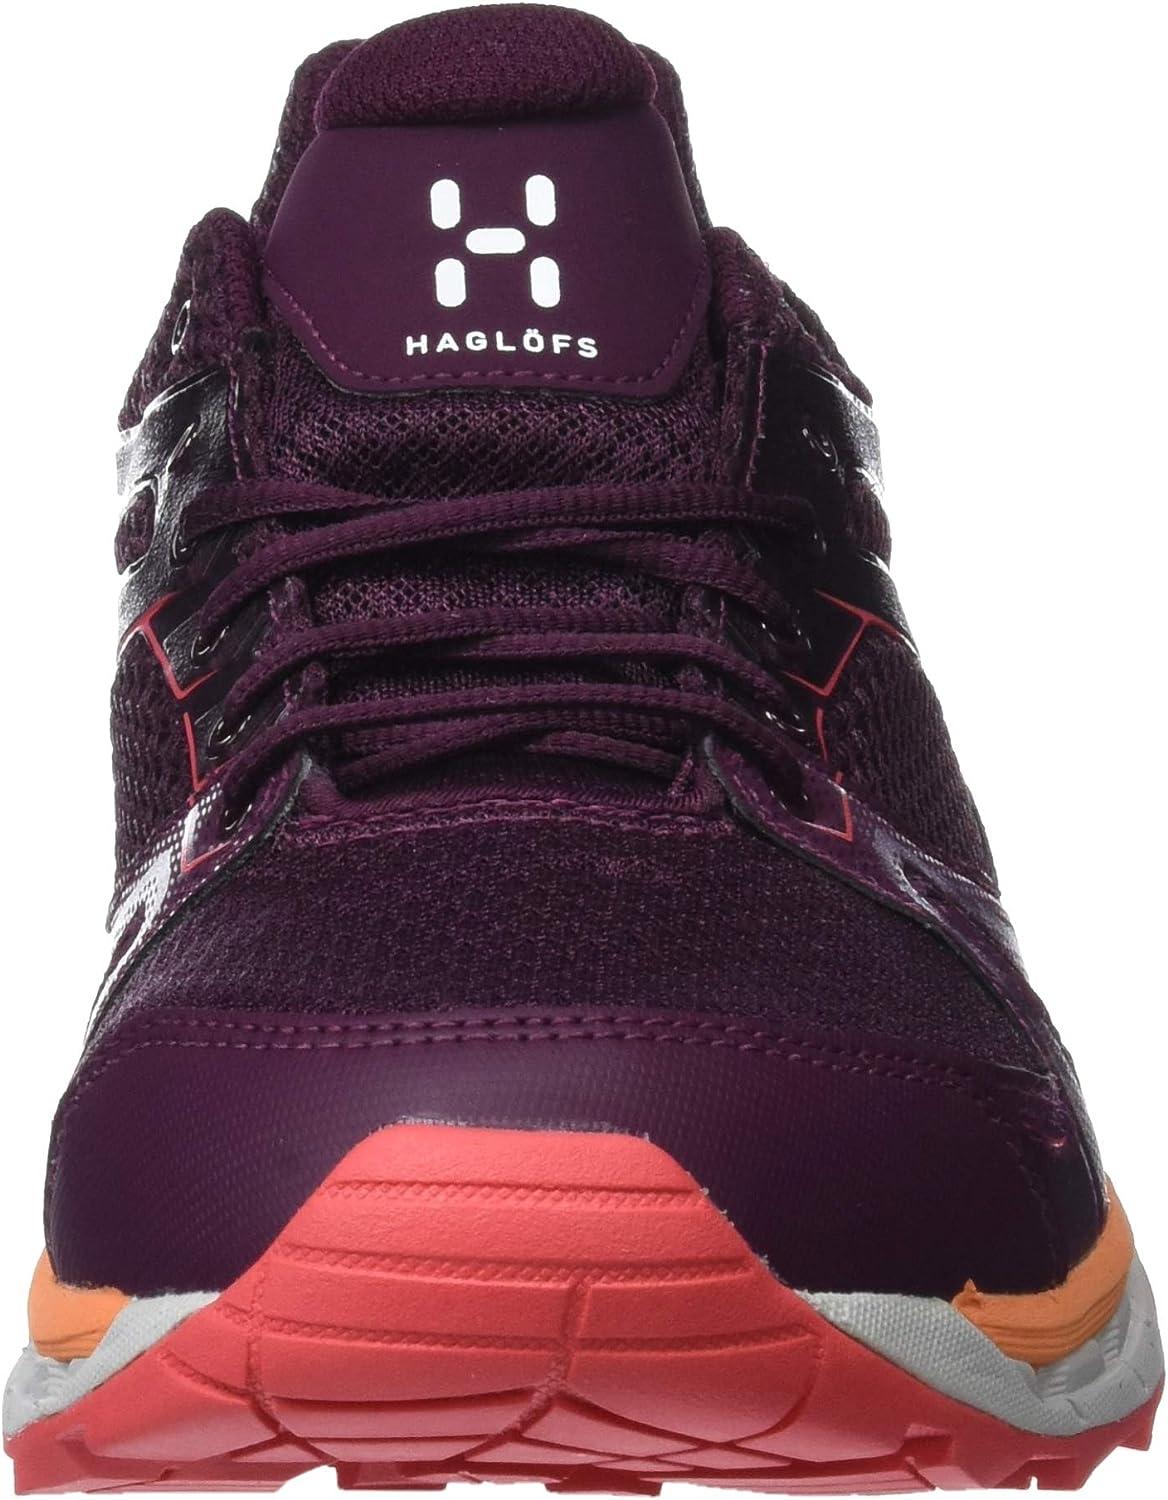 Haglöfs Observe GT Surround, Zapatillas de Senderismo para Mujer: Amazon.es: Zapatos y complementos